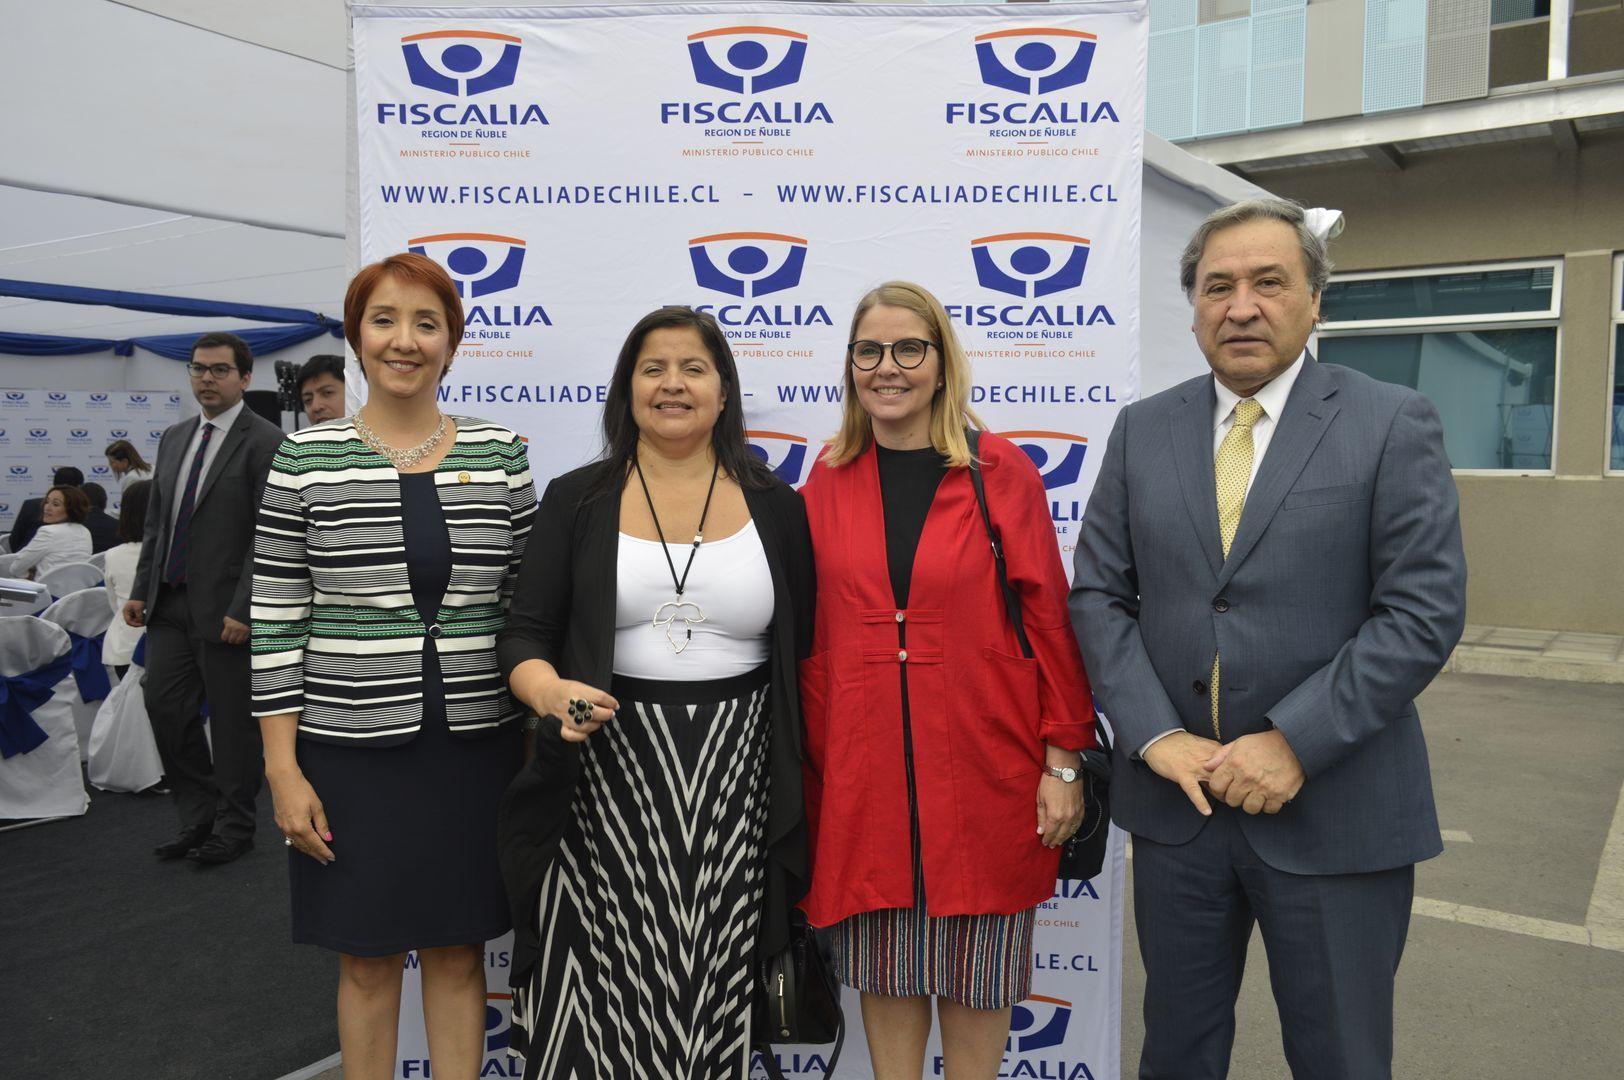 Nayalet Mansilla (Fiscal Regional de Ñuble), Marcela Cartagena (Fiscal Regional de Bío Bío), Francisca Werth (Directora Ejecutiva Nacional de la Fiscalía) y Claudio Arias (presidente de la Corte de Apelaciones de Chillán).